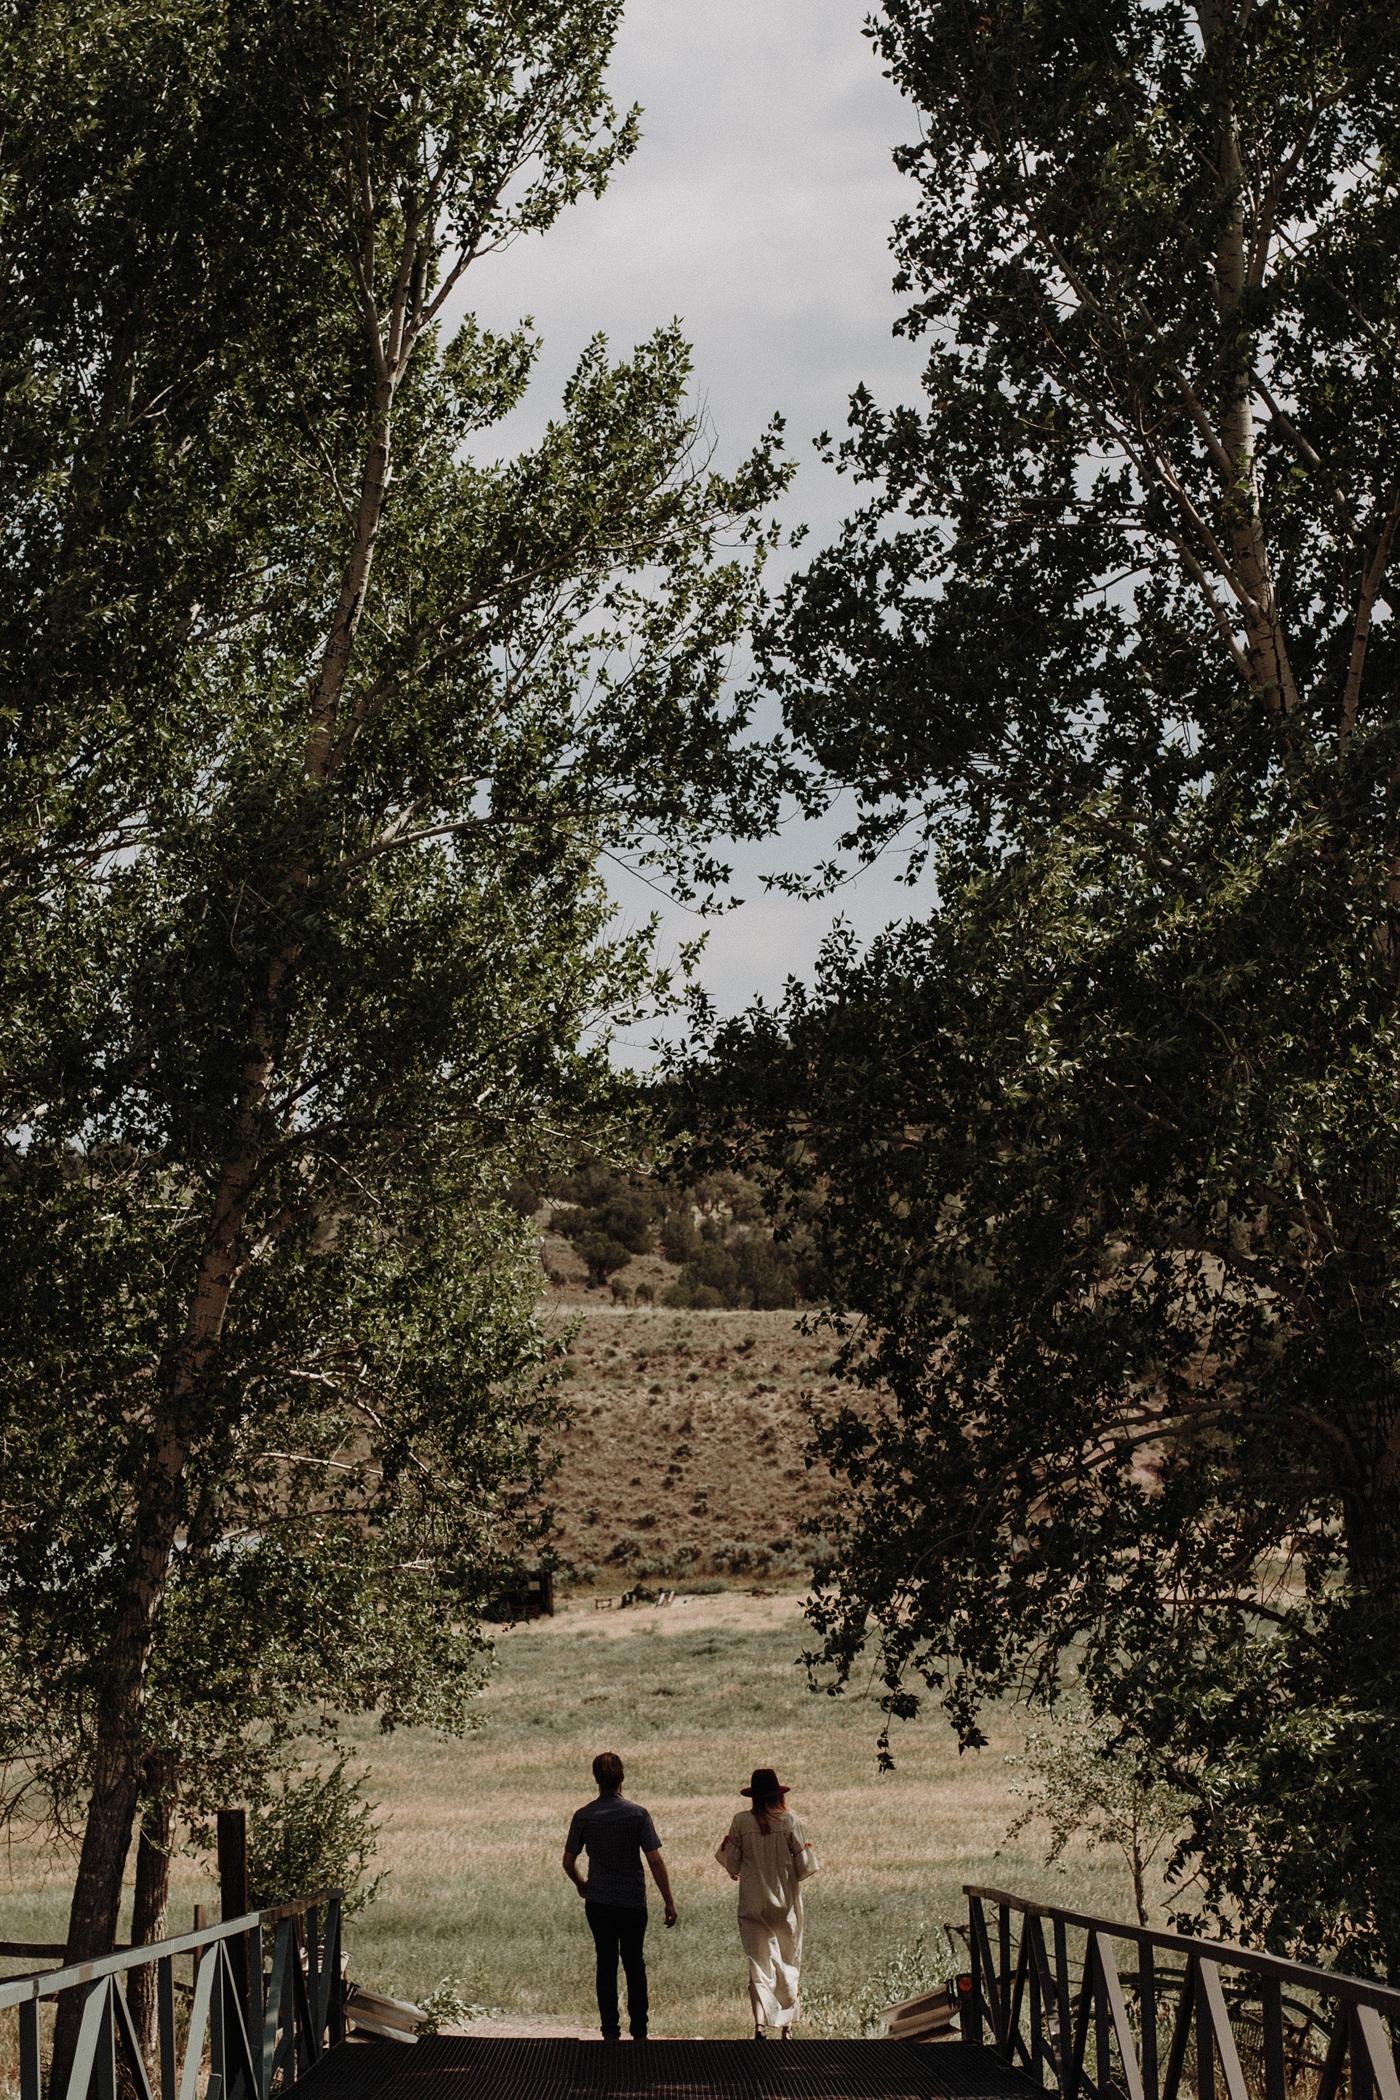 040-jones-max-colorado-ranch-engagement-photos.jpg